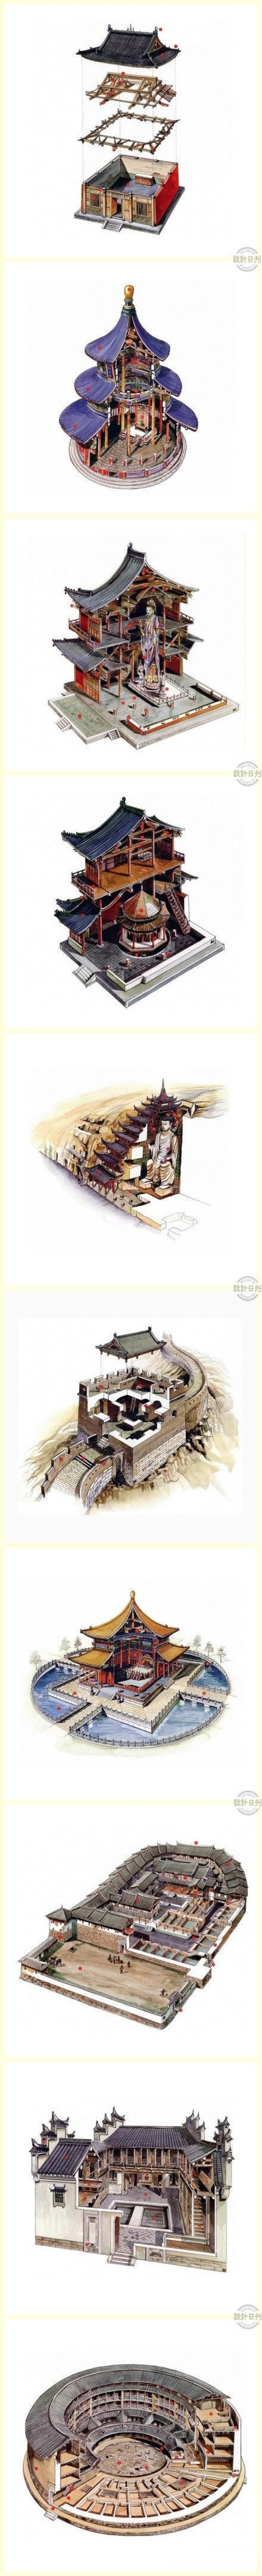 【解剖中国古建筑】李乾朗先生穿墙透壁的手绘图「设计日刊」